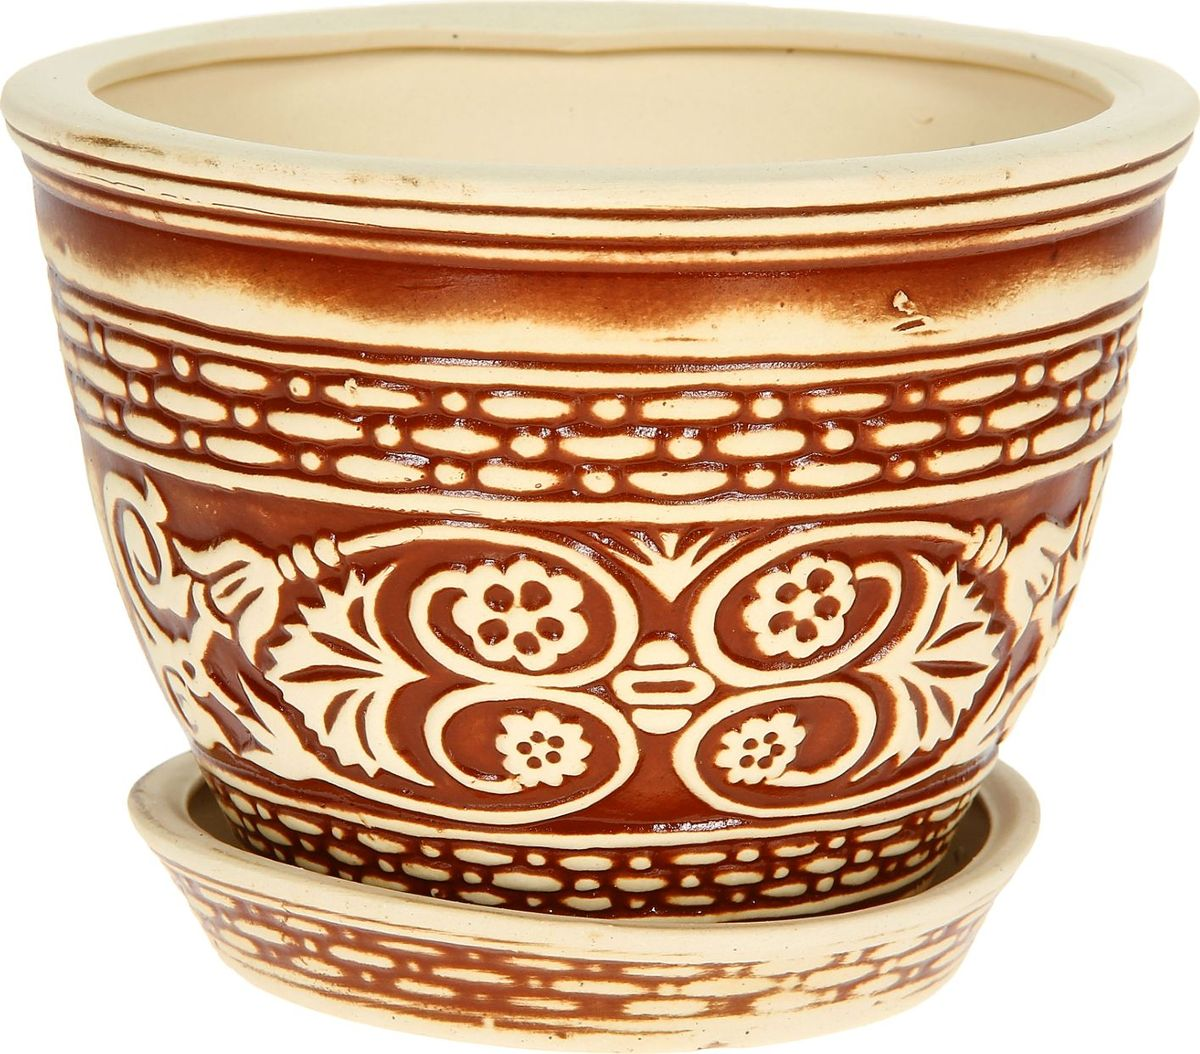 Кашпо Керамика ручной работы Венеция, цвет: коричневый, 4 л1114256Комнатные растения — всеобщие любимцы. Они радуют глаз, насыщают помещение кислородом и украшают пространство. Каждому из них необходим свой удобный и красивый дом. Кашпо из керамики прекрасно подходят для высадки растений: за счёт пластичности глины и разных способов обработки существует великое множество форм и дизайновпористый материал позволяет испаряться лишней влагевоздух, необходимый для дыхания корней, проникает сквозь керамические стенки! #name# позаботится о зелёном питомце, освежит интерьер и подчеркнёт его стиль.